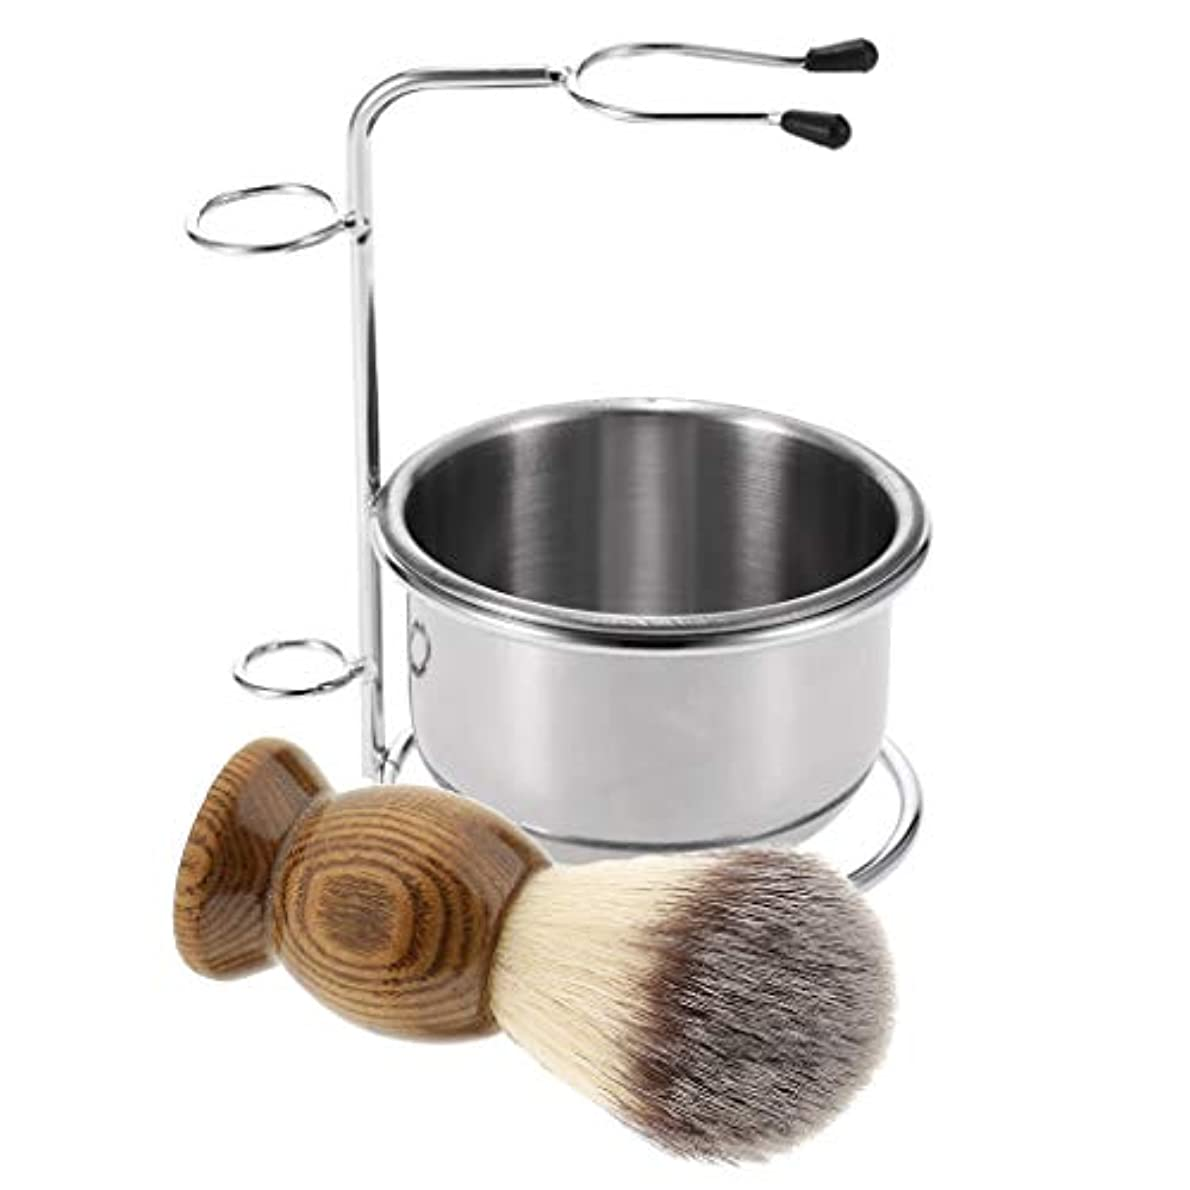 苗再撮り落ちたchiwanji 金属製ボウル 髭剃り シェービングキット シェービングブラシ ブラシホルダー サロン 美容室ツール